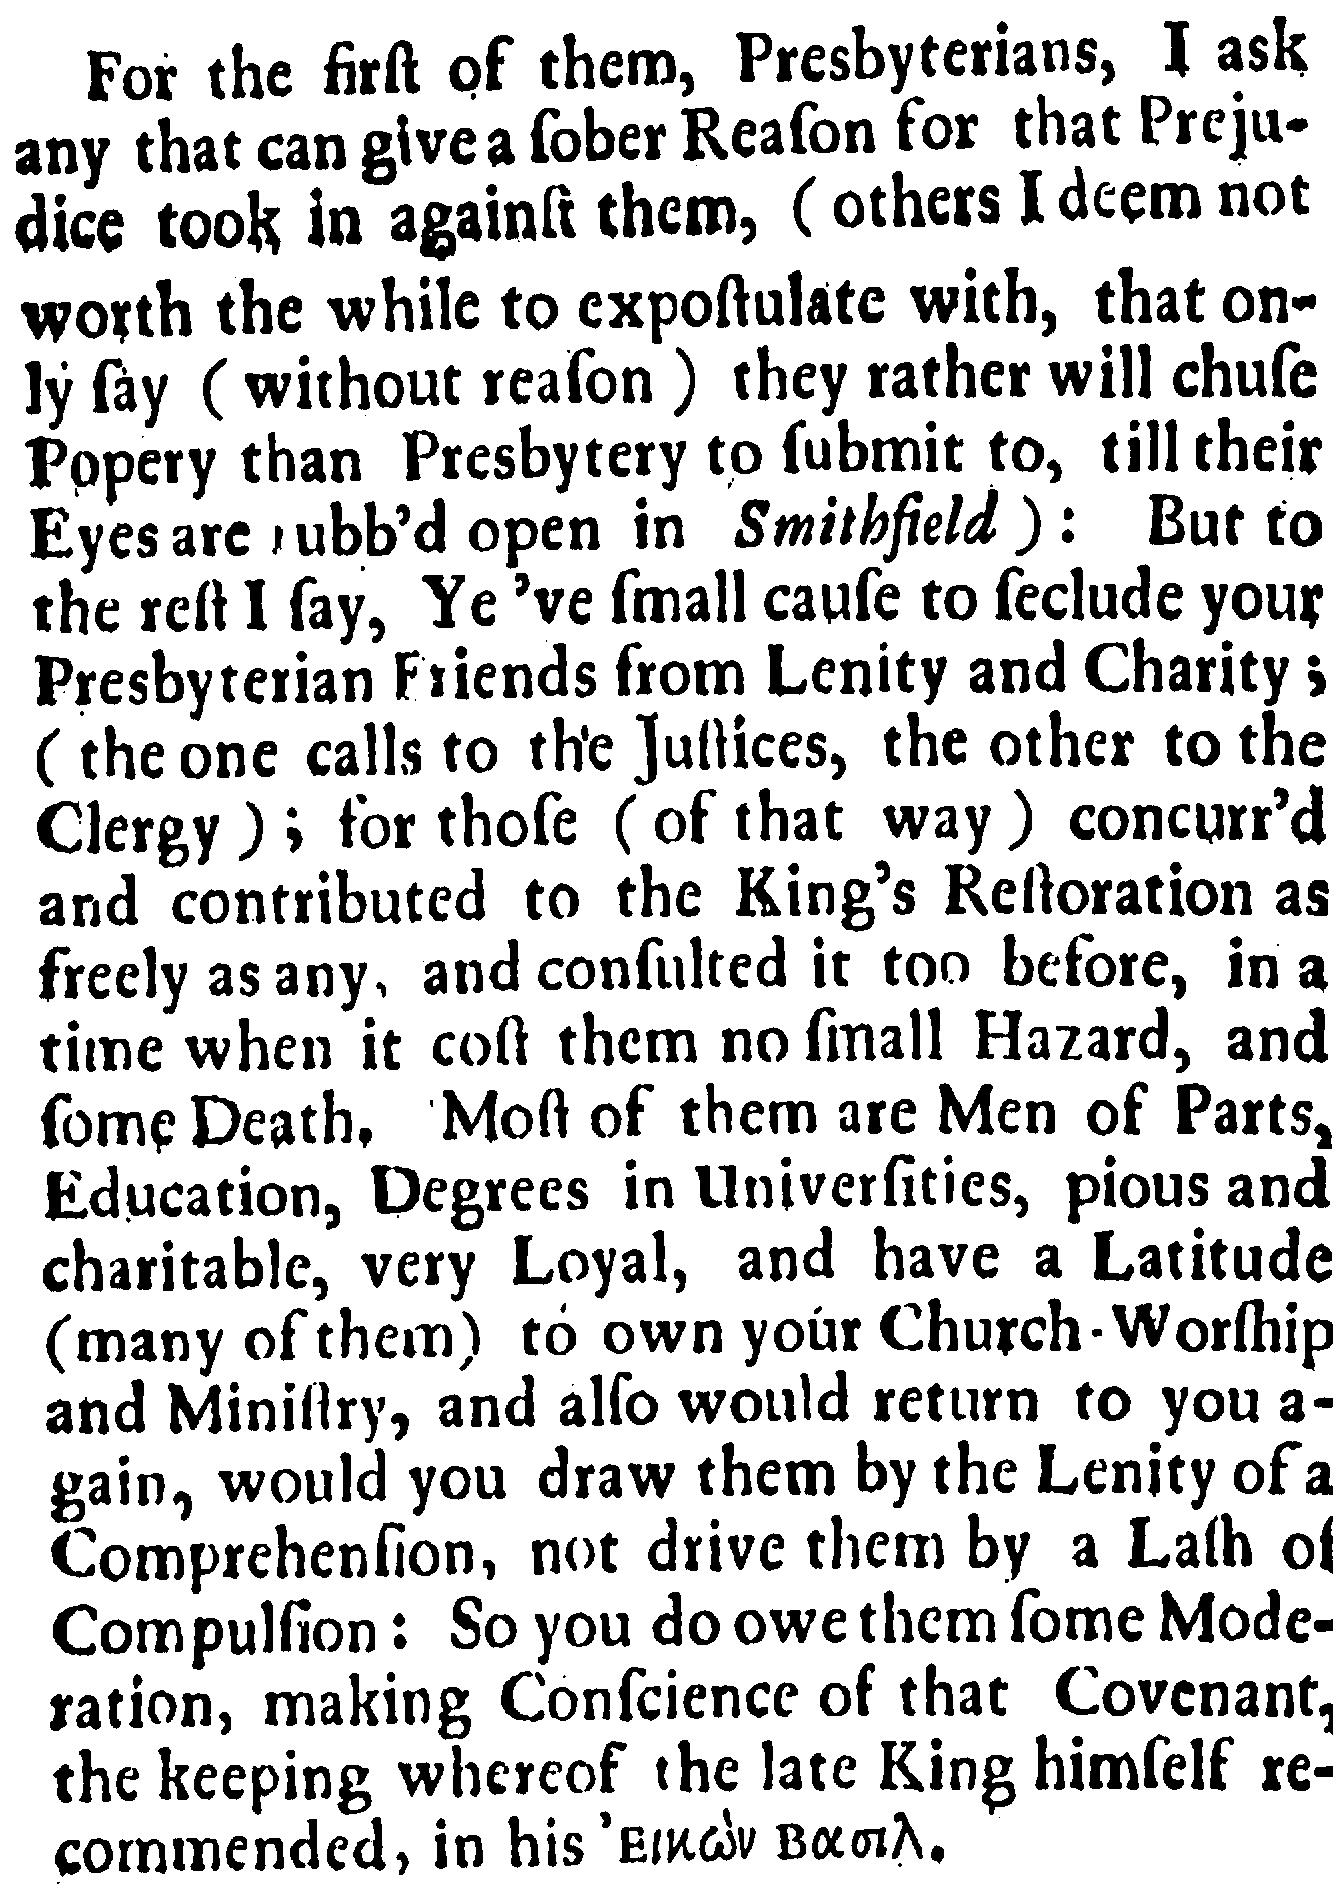 Marsden, An Apology, 229-230